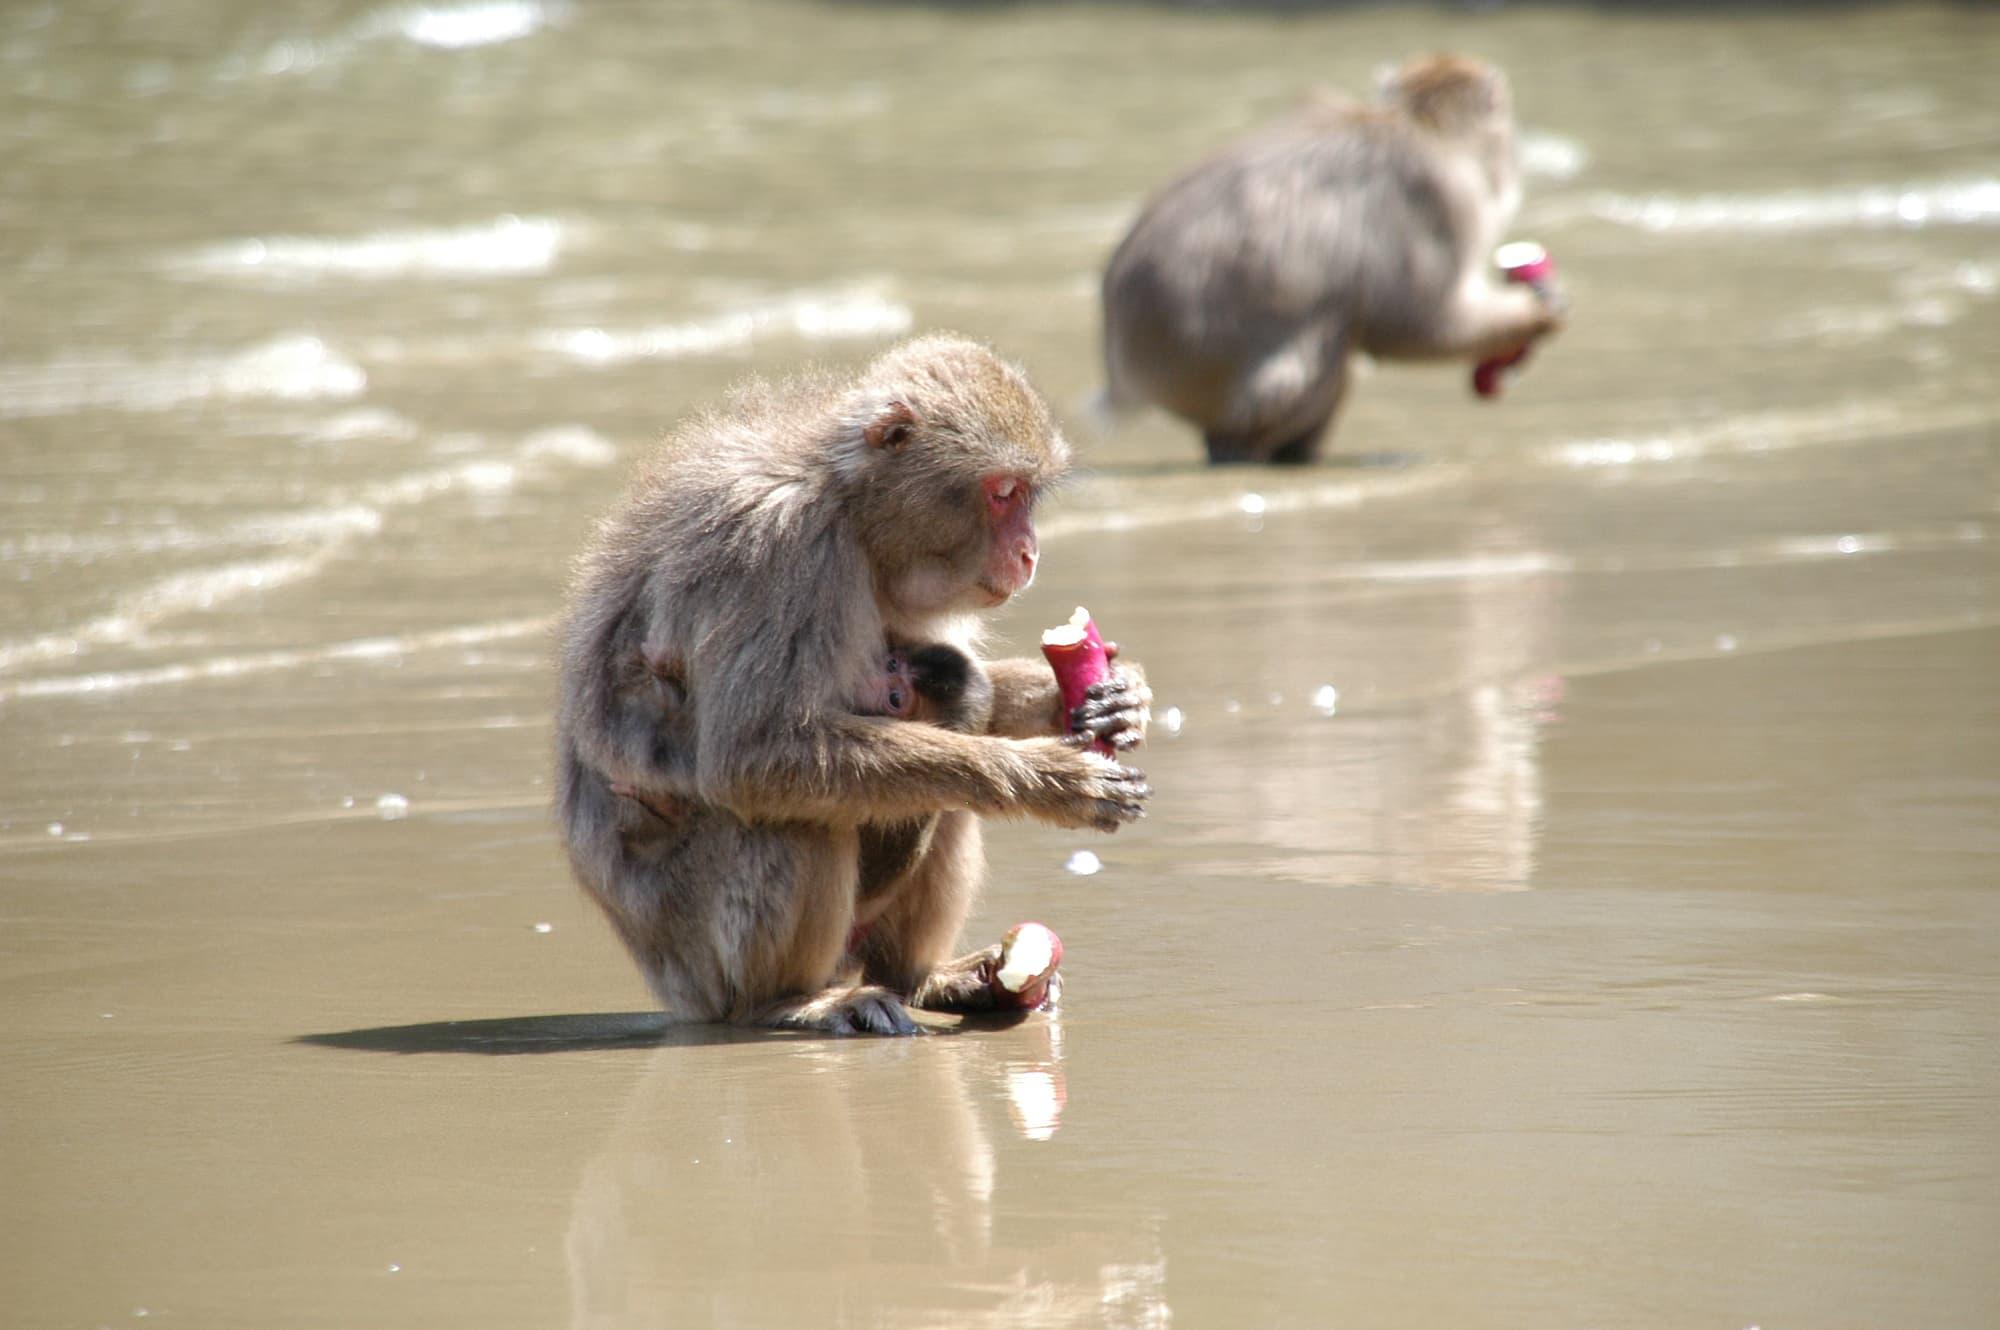 Affen 10 Gründe Warum Man Makaken Einfach Lieben Muss Spektrum